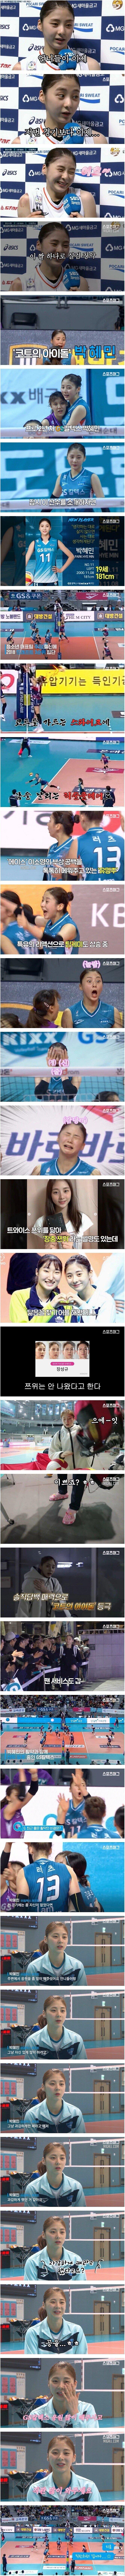 코트의 아이돌로 떠오른 배구 유망주 박혜민.jpg 코트의 아이돌로 떠오른 배구 유망주 박혜민